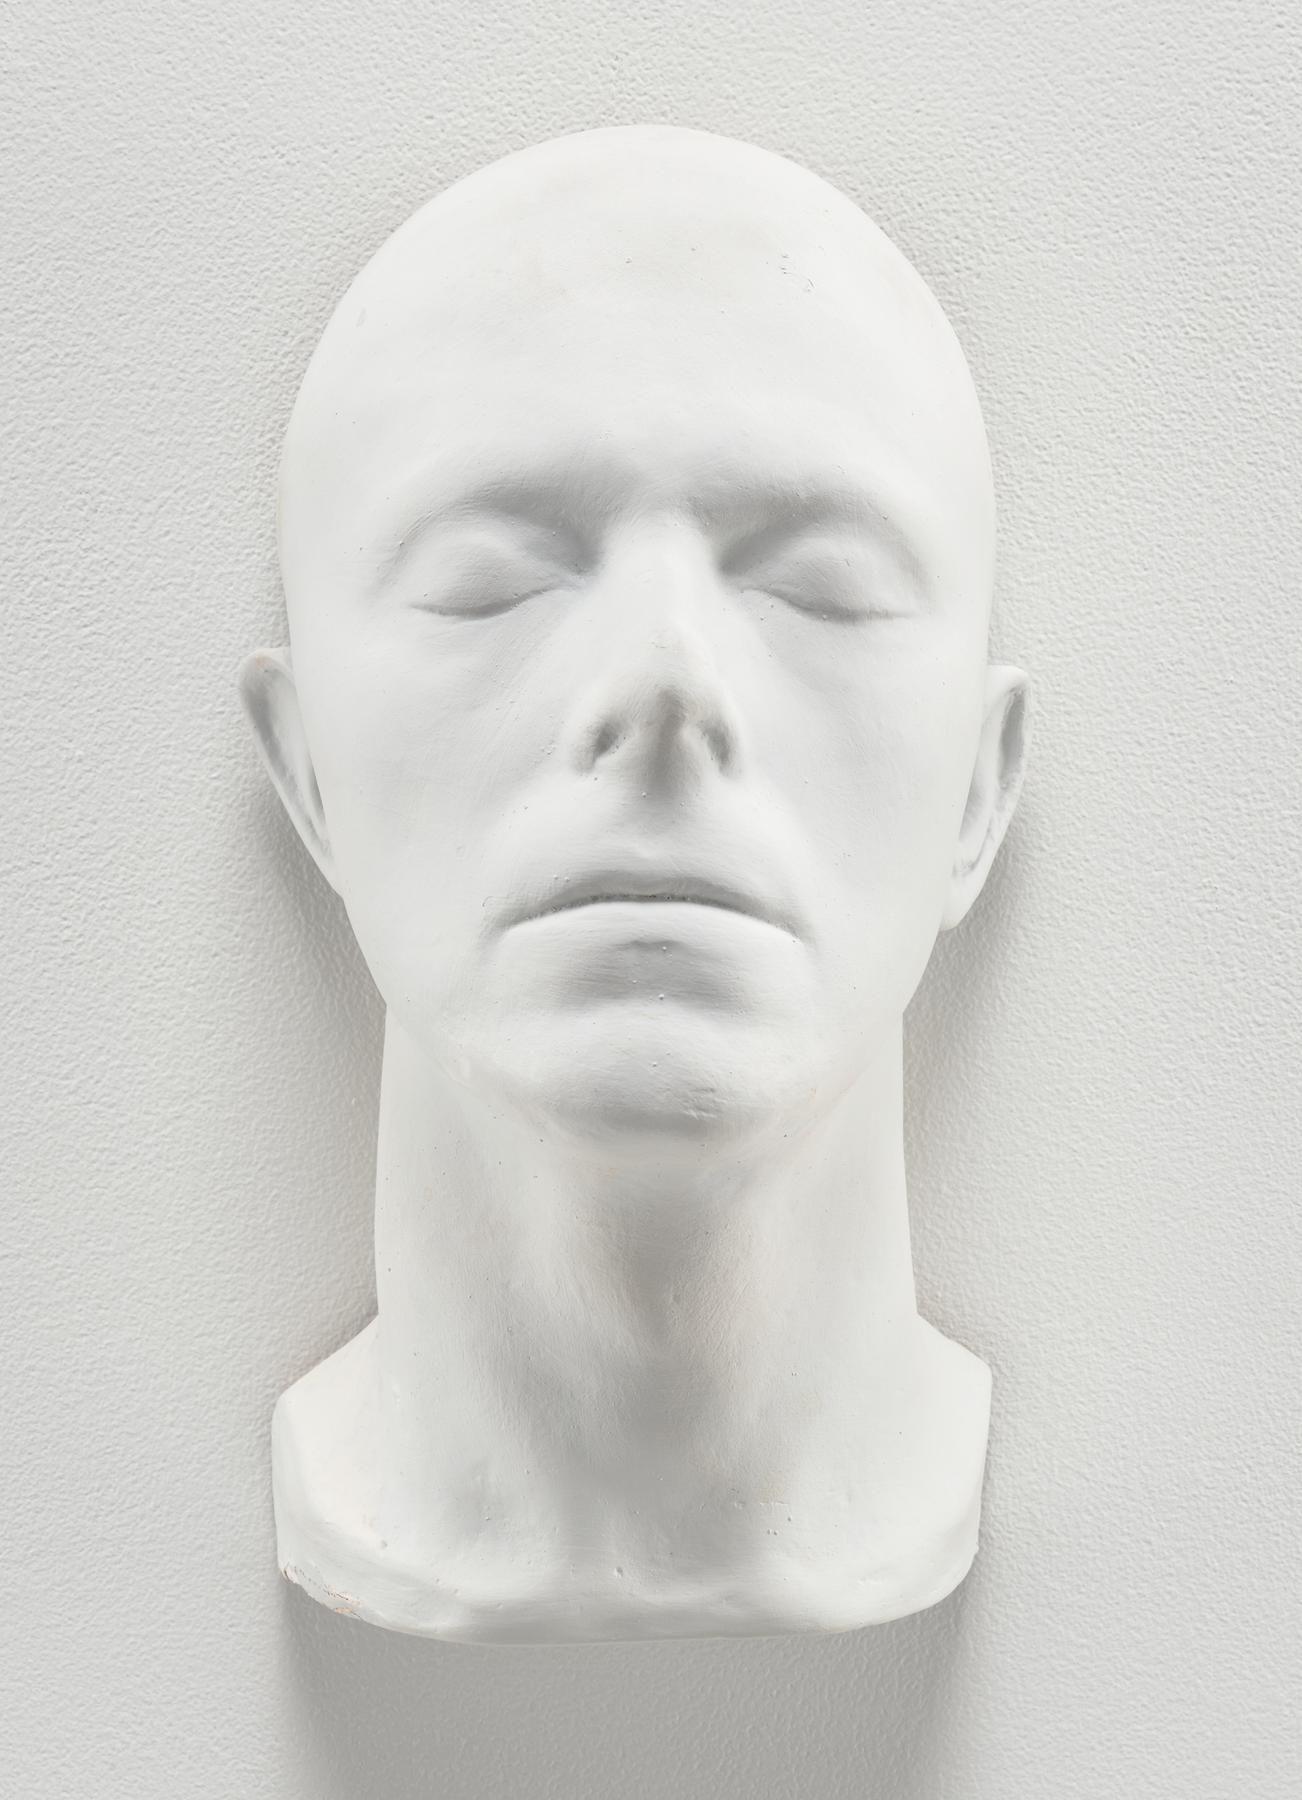 Edmier imagines (David Bowie, Musician/Actor)